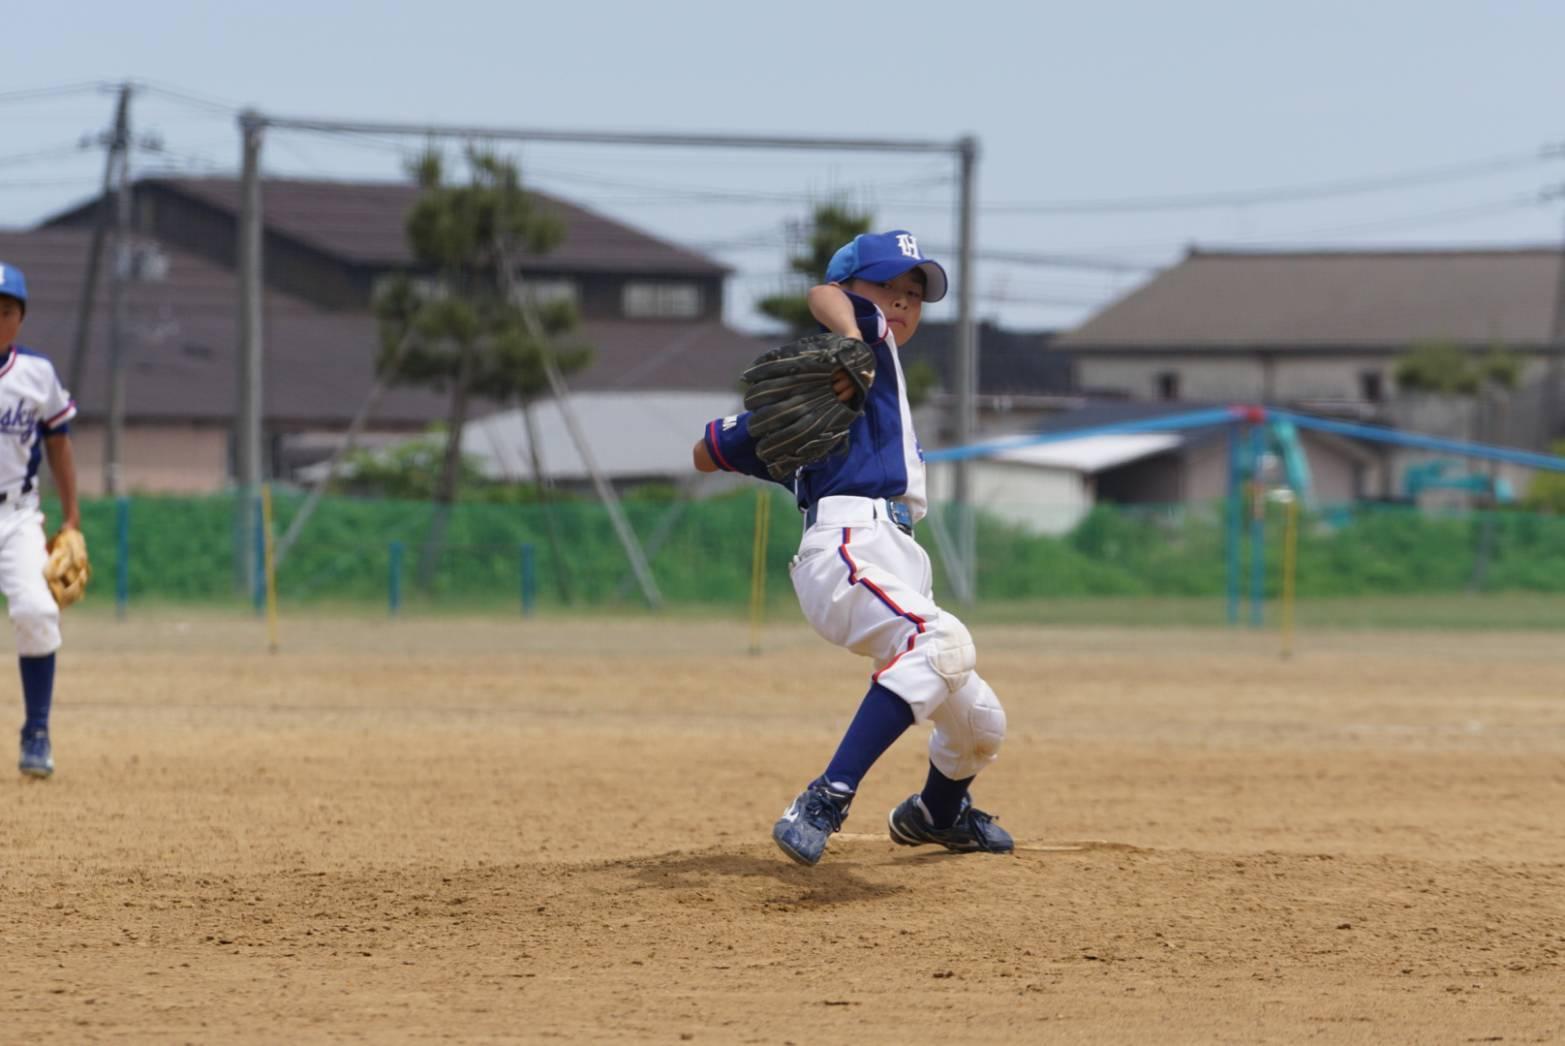 6月2日 スポ少B大会結果です! vs和島ベースボールクラブさん_b0095176_15482195.jpeg